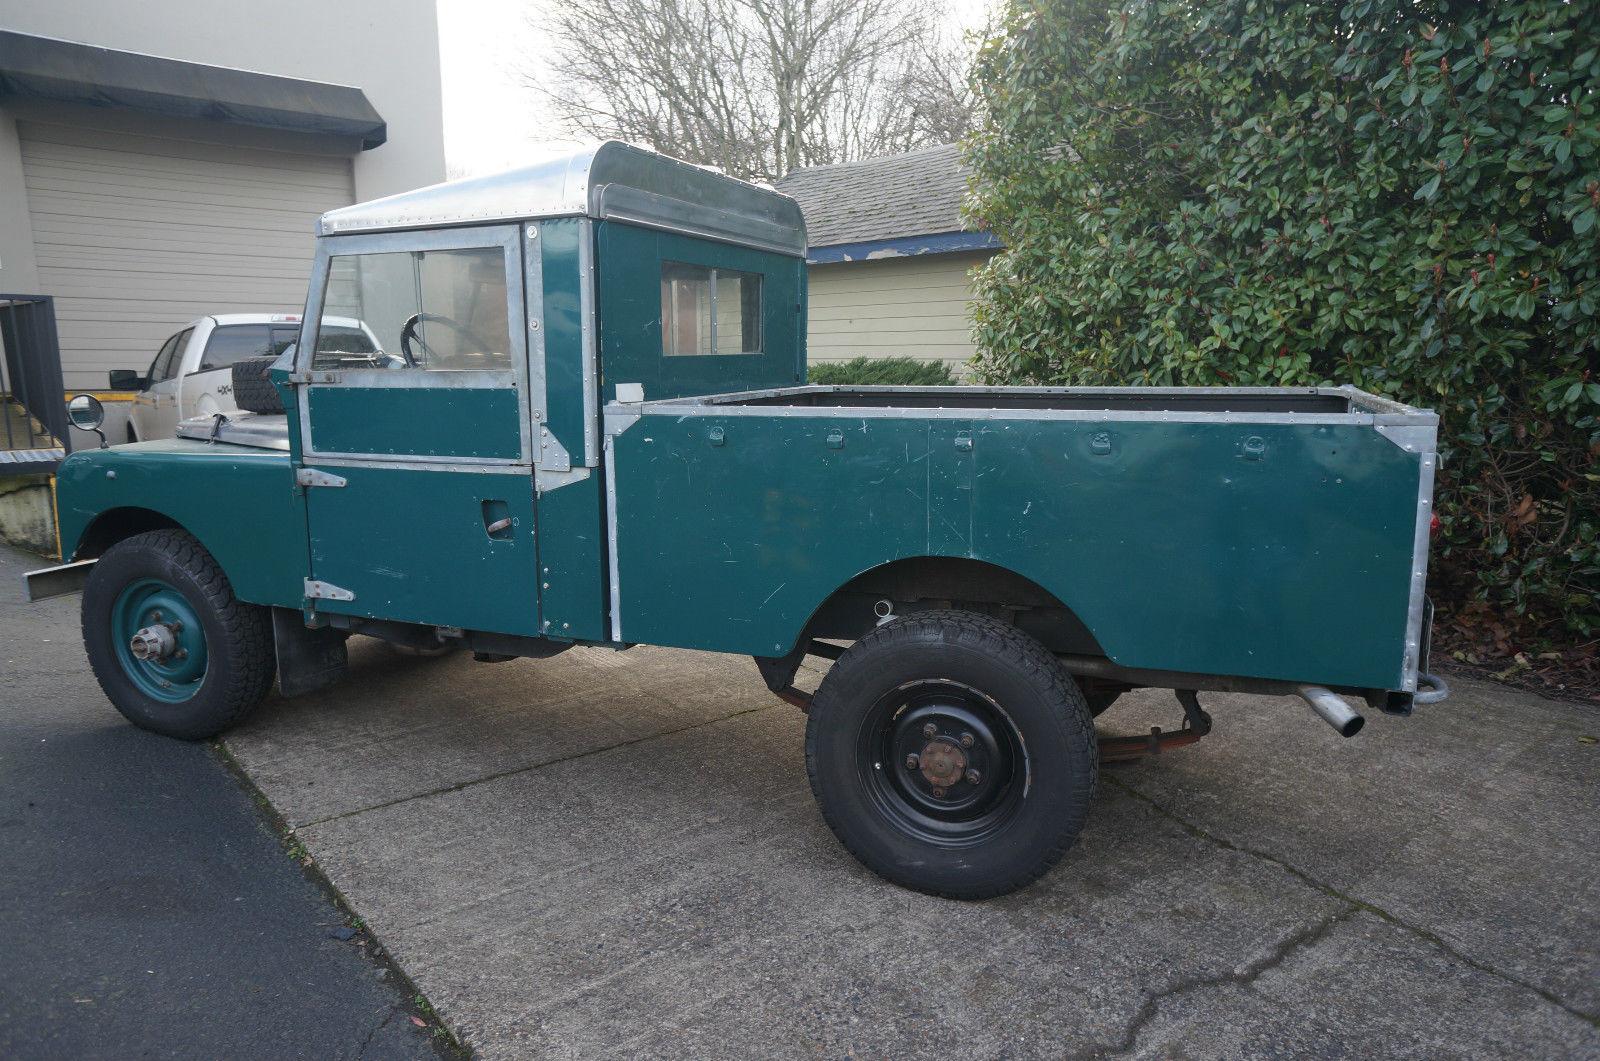 1957 land rover land rover series i diesel 109 pickup. Black Bedroom Furniture Sets. Home Design Ideas